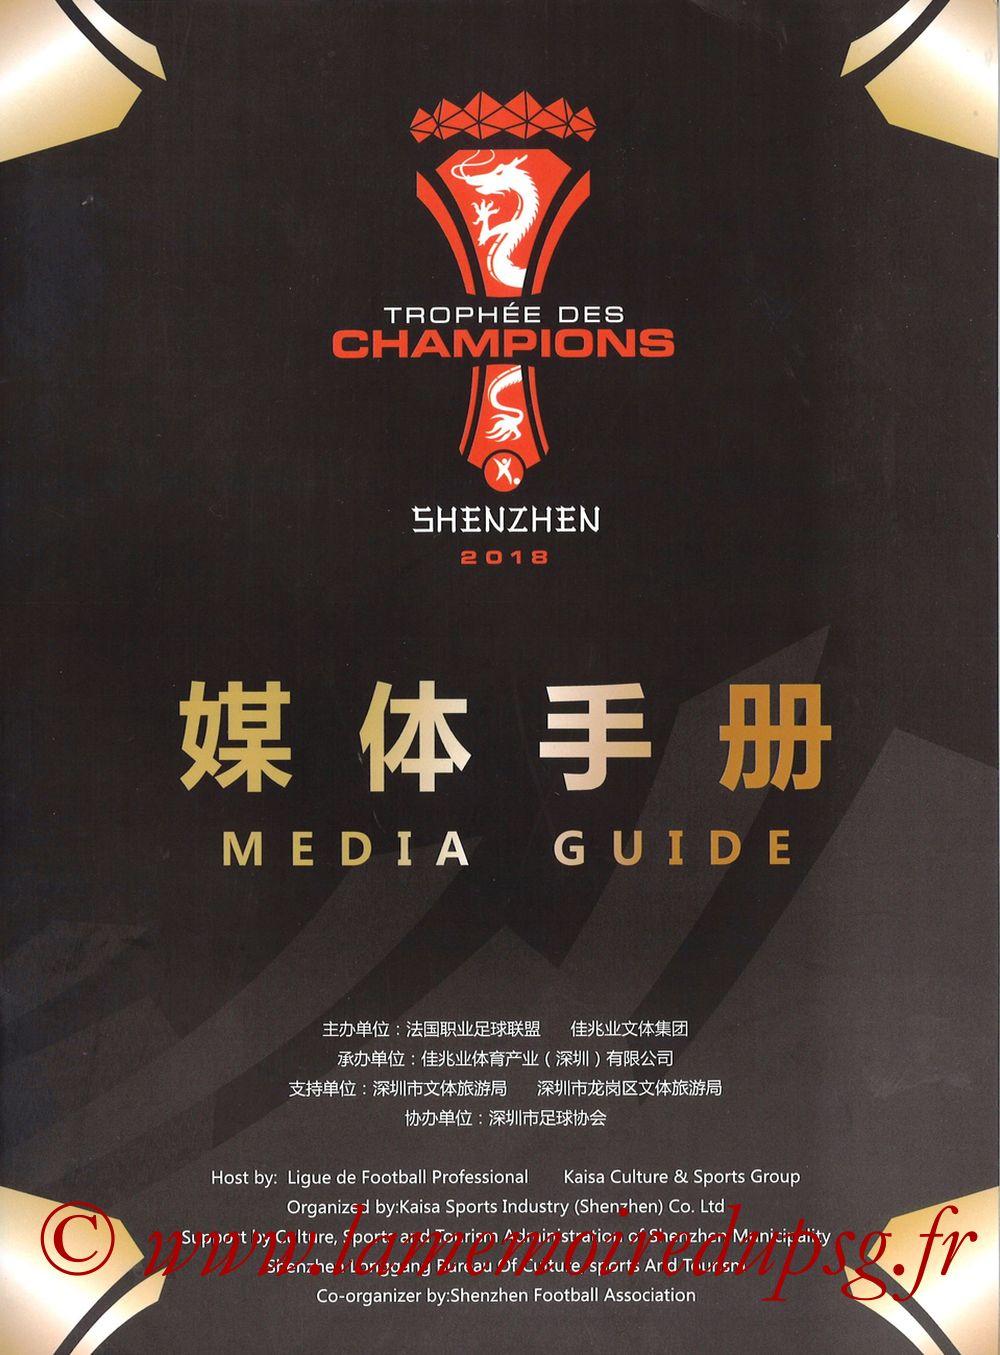 2018-08-04  PSG-Monaco (Trophée des Champions à Shenzhen, Media Guide) - Couverture